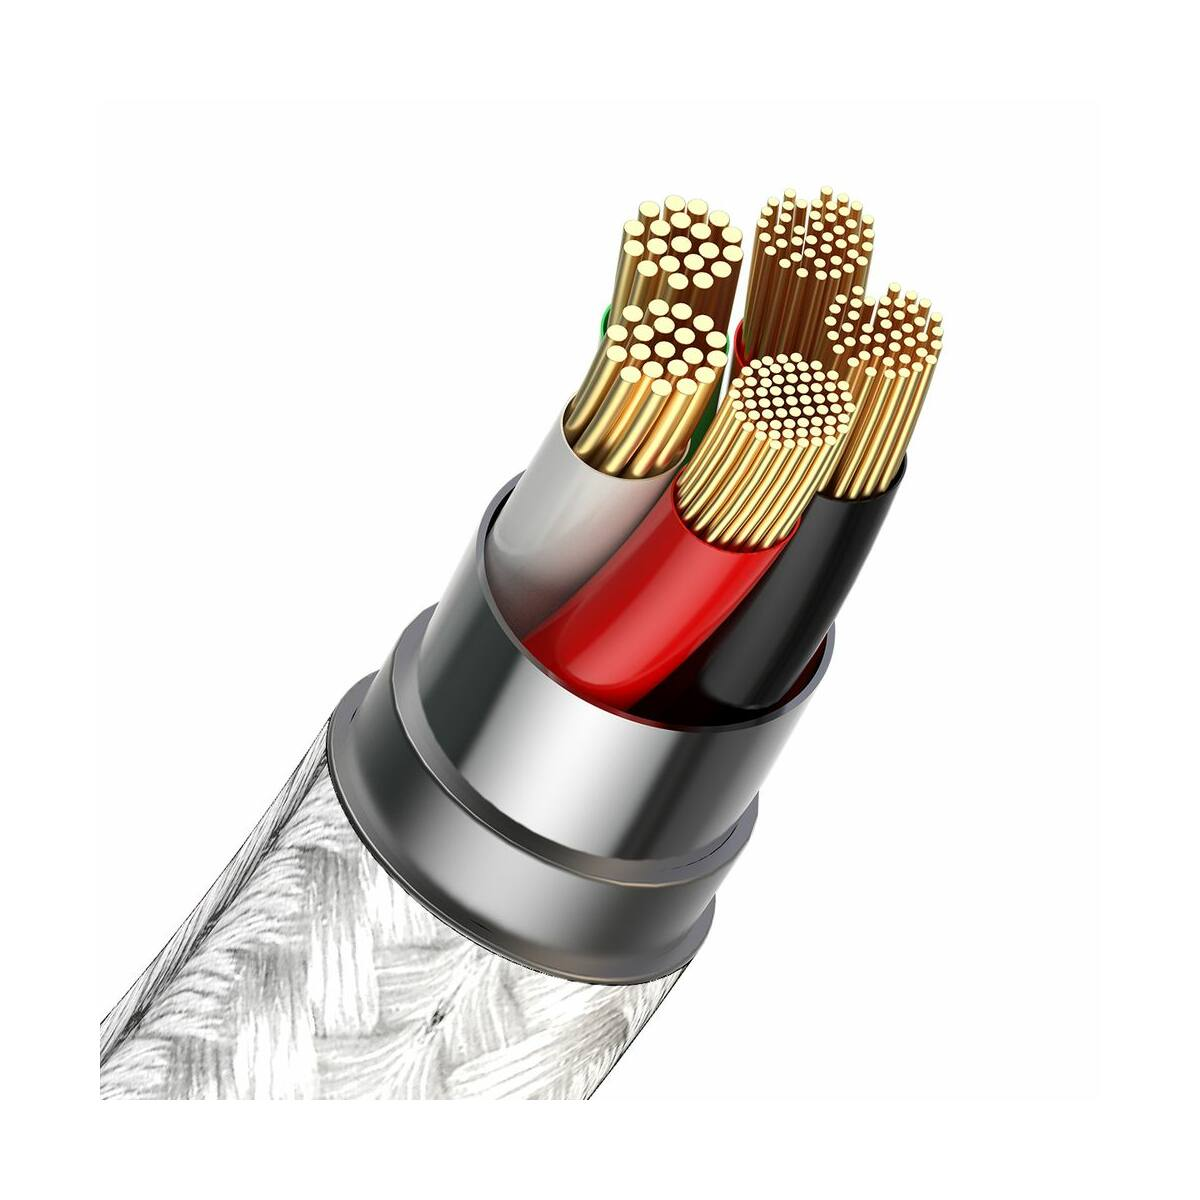 Baseus Univerzális kábel, Zinc mágneses USB véggel + töltőfej szett (Lightning/Type-C/Micro) 5A, 1m, fehér (CA1T3-B02)